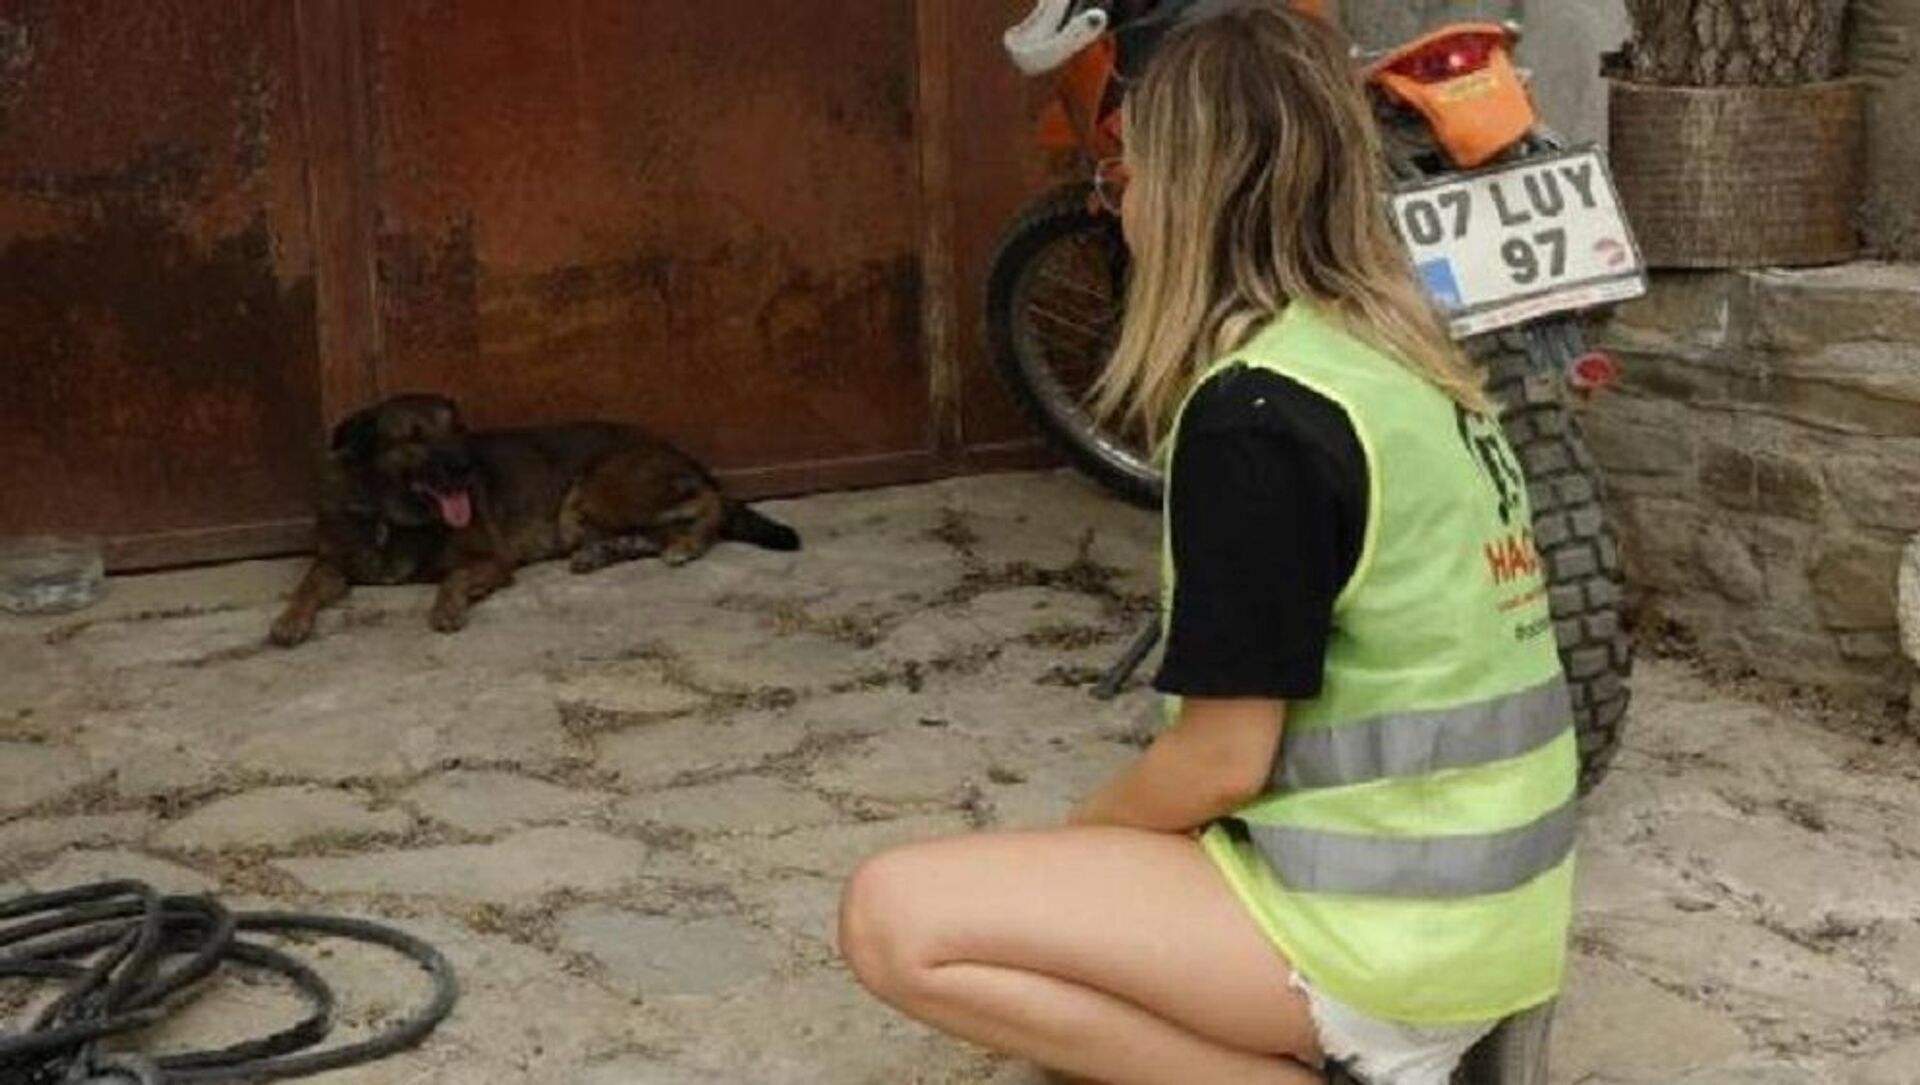 Ölen çiftin köpekleri evin önünden ayrılmıyor - Sputnik Türkiye, 1920, 01.08.2021